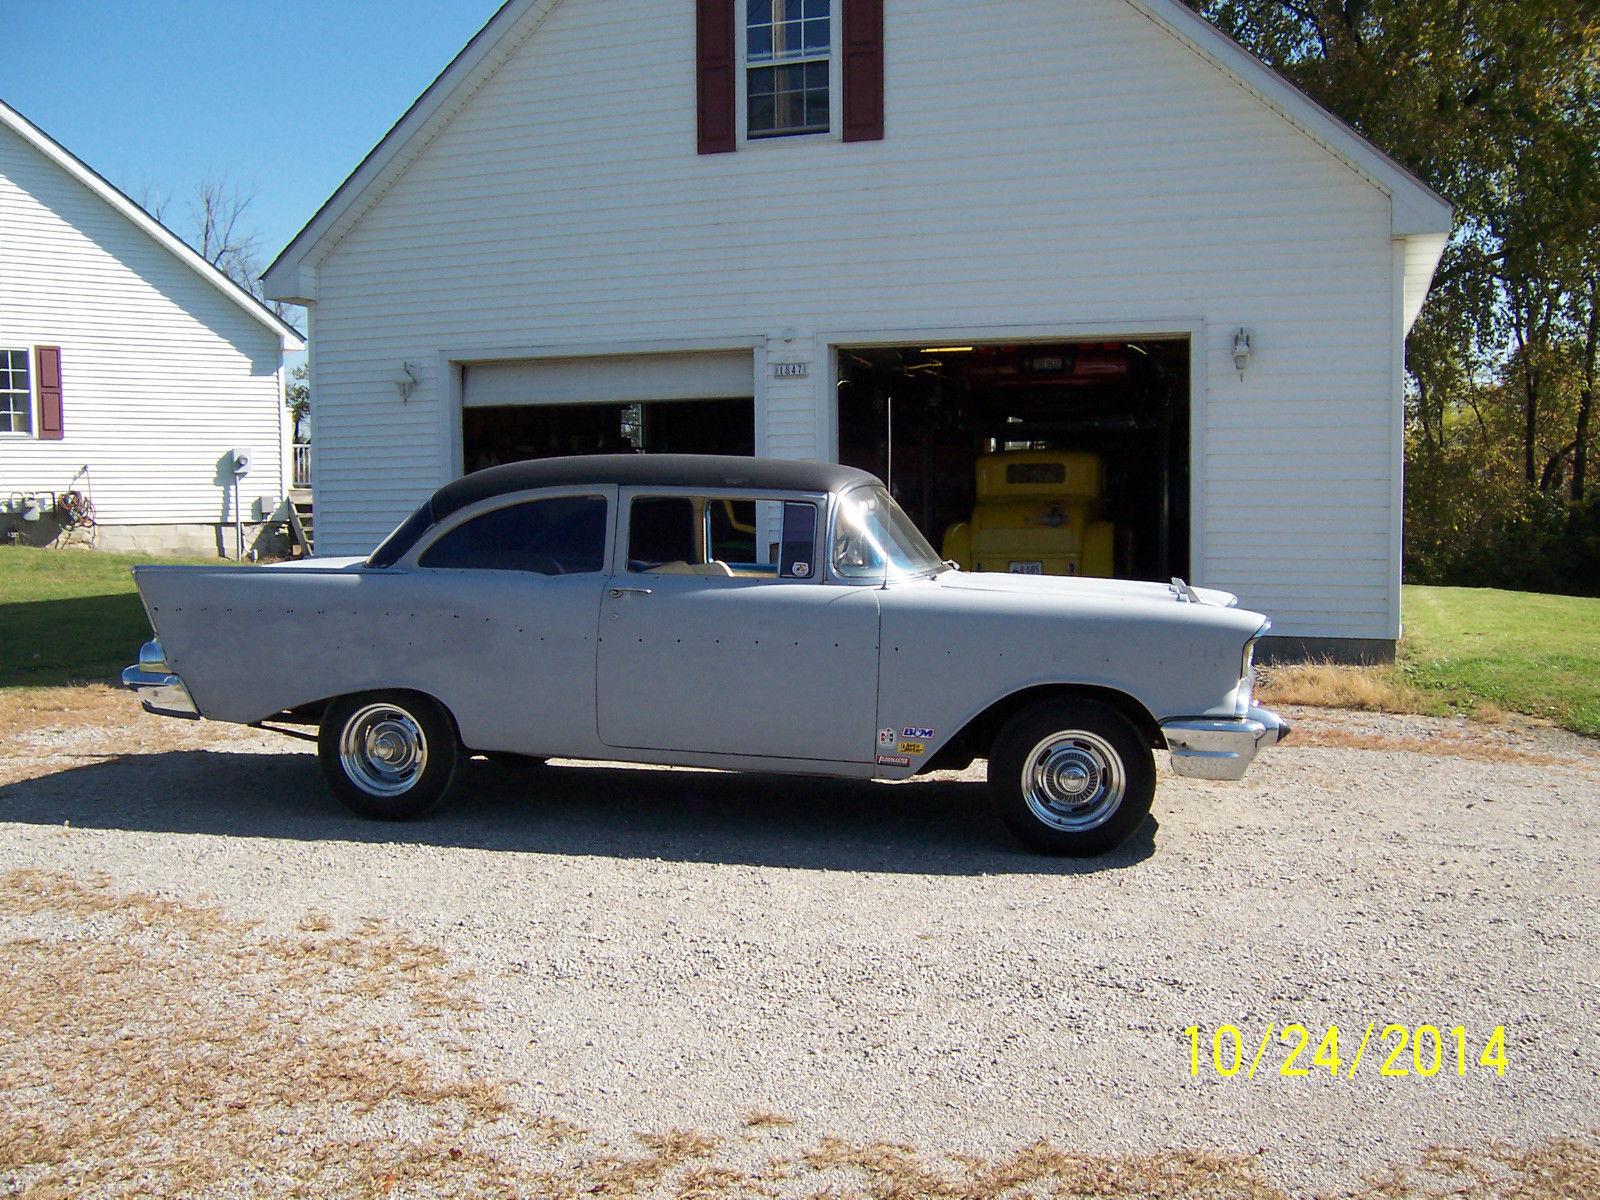 1957 Chevy 2 Door Post Project Car Classic Chevrolet Bel Air 150 Hardtop 210